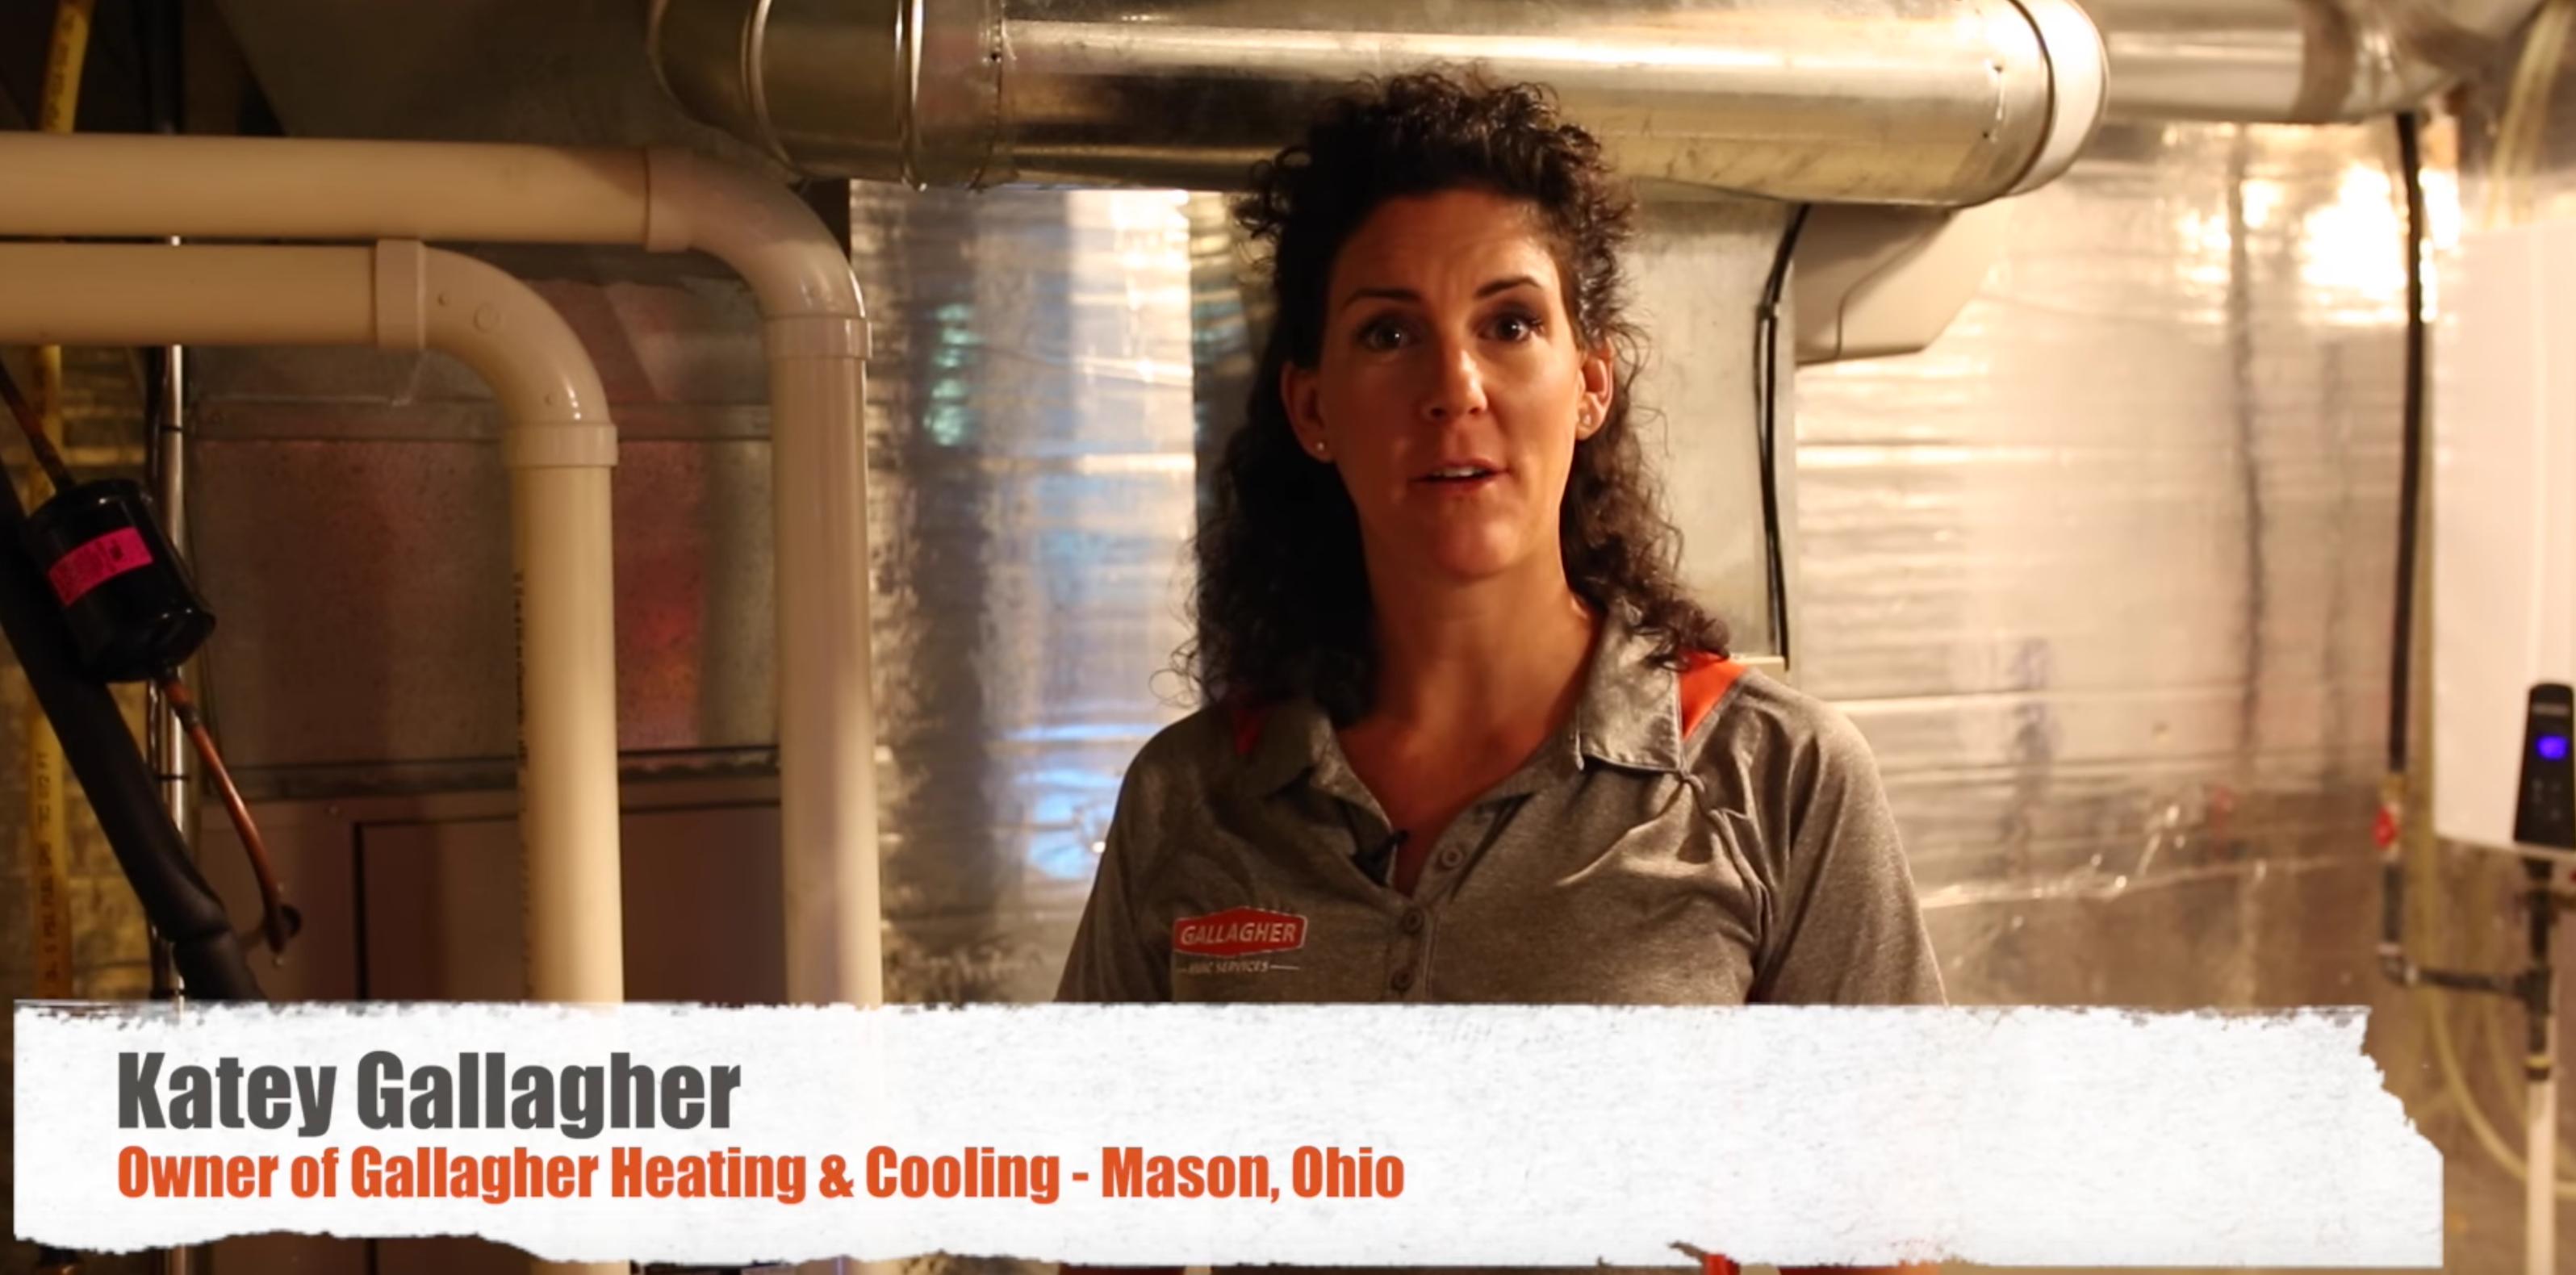 Katey Gallagher HVAC Services